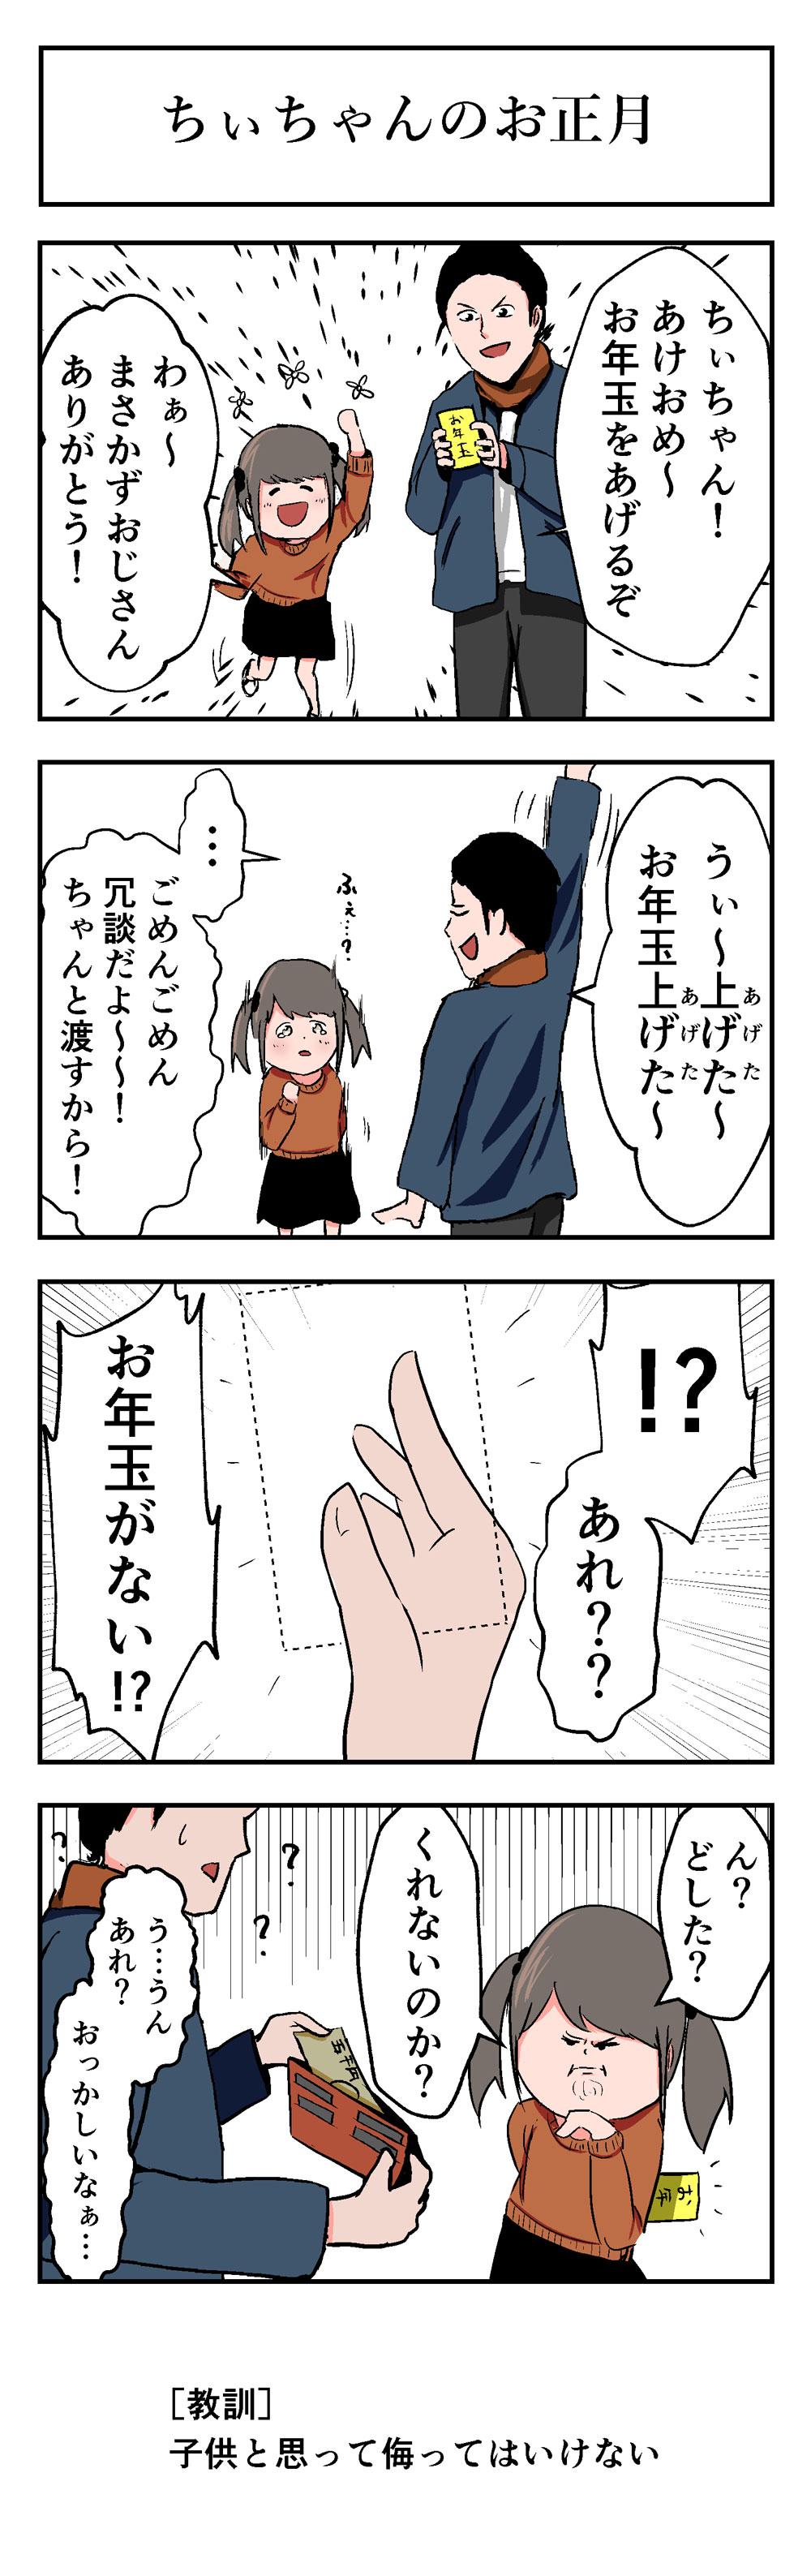 5話4コマ-2